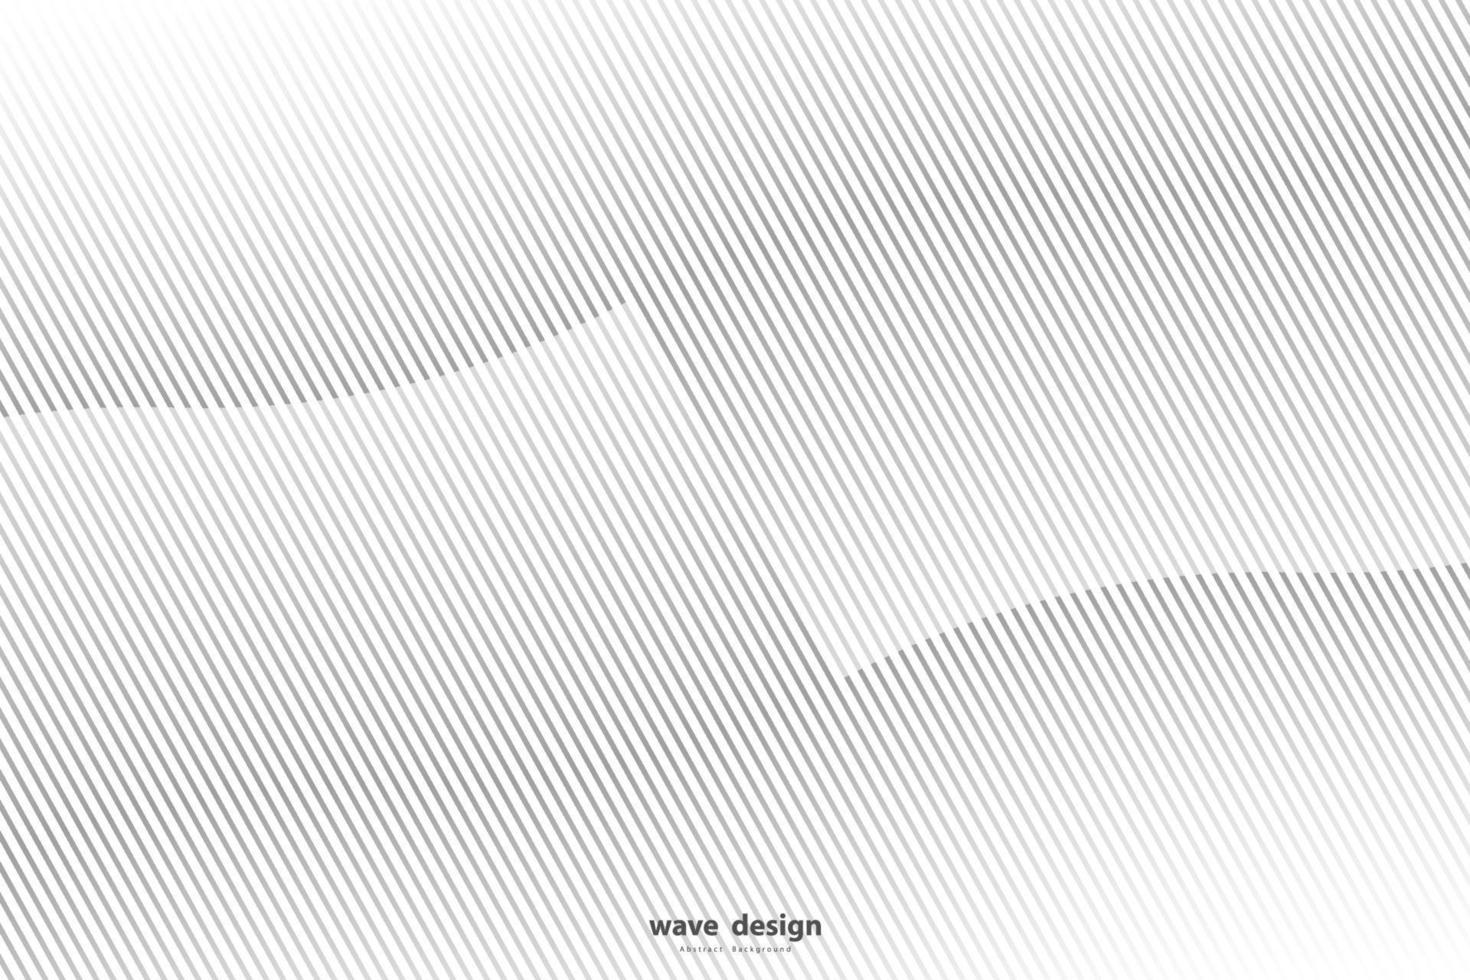 vektor randmönster. geometrisk textur bakgrund. abstrakta linjer tapeter. vektormall för dina idéer. eps10 - illustration